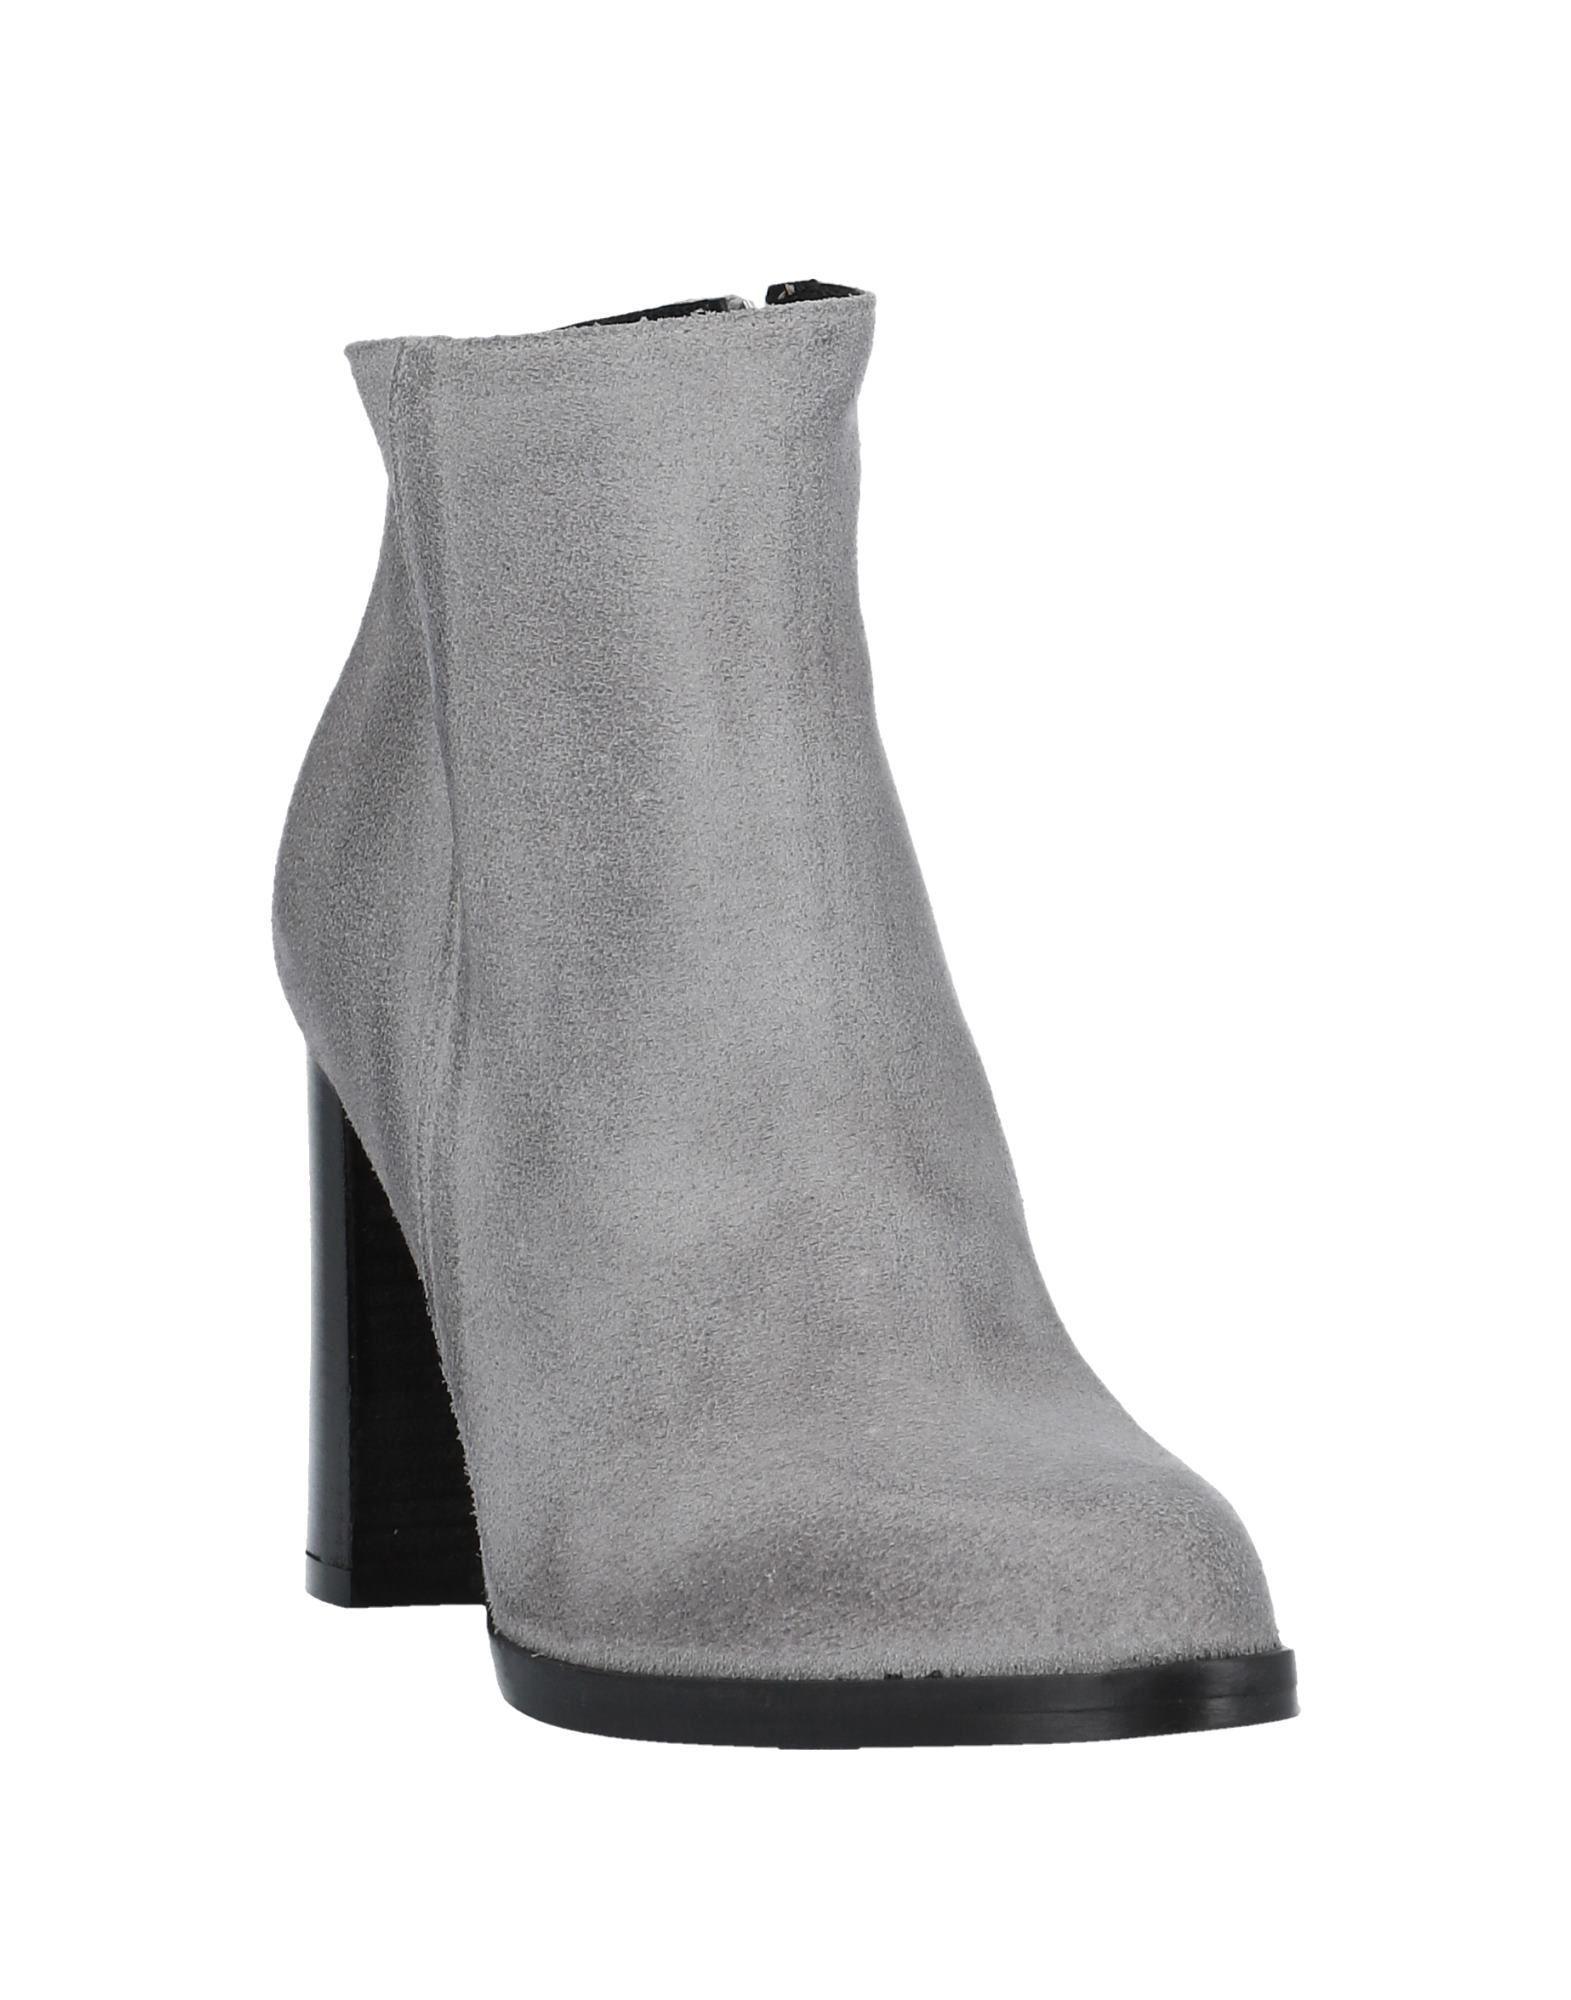 Footwear Unlace Grey Women's Leather